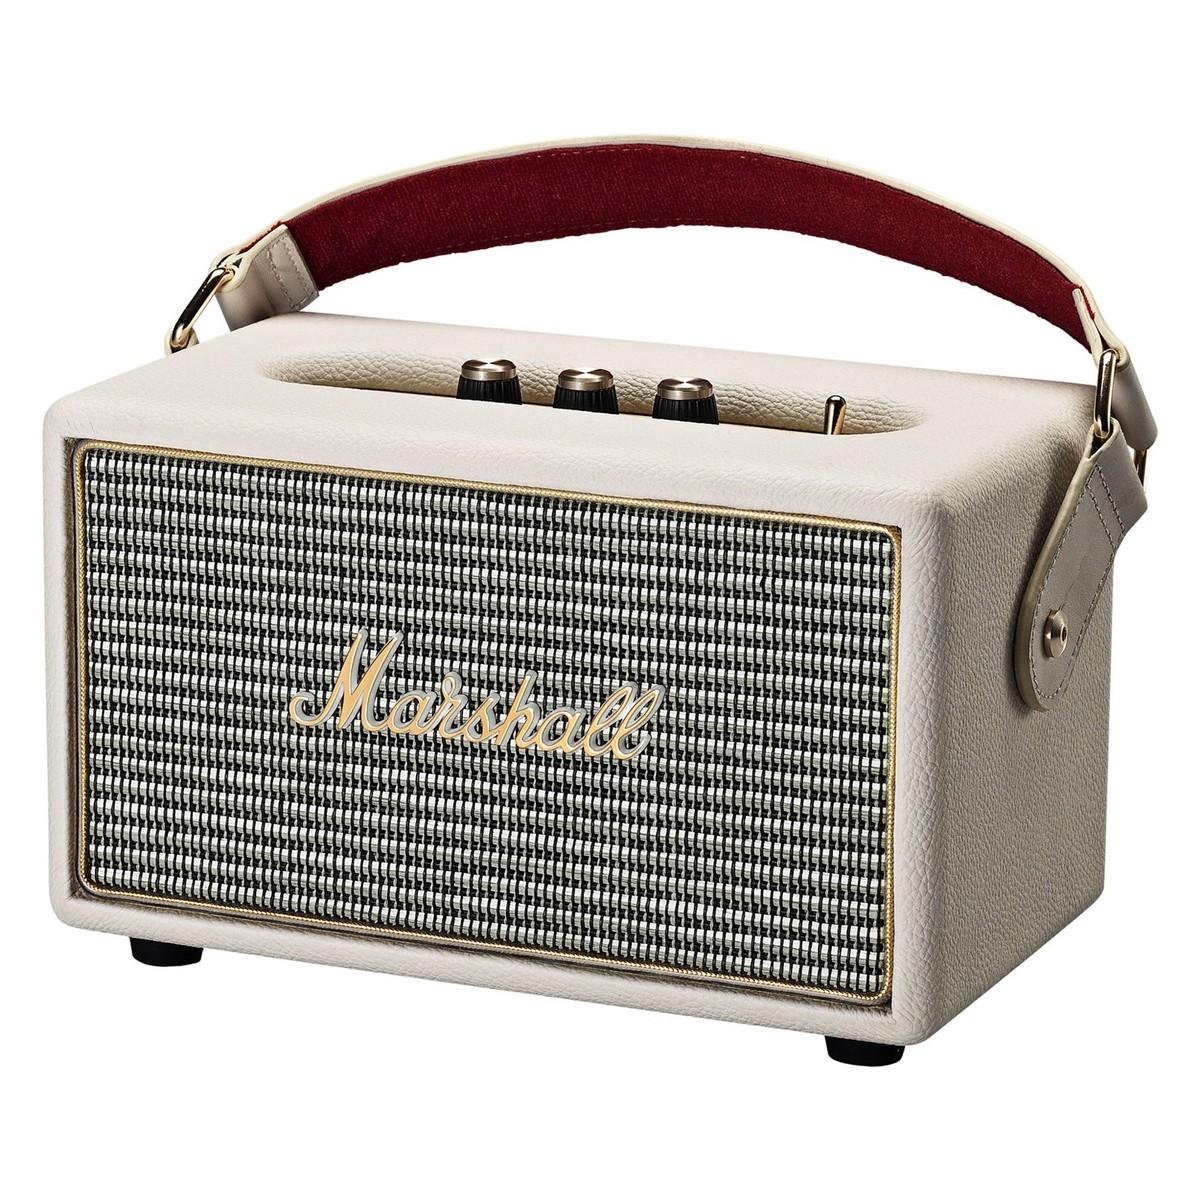 Marshall Kilburn Portable Bluetooth Speaker, Cream at